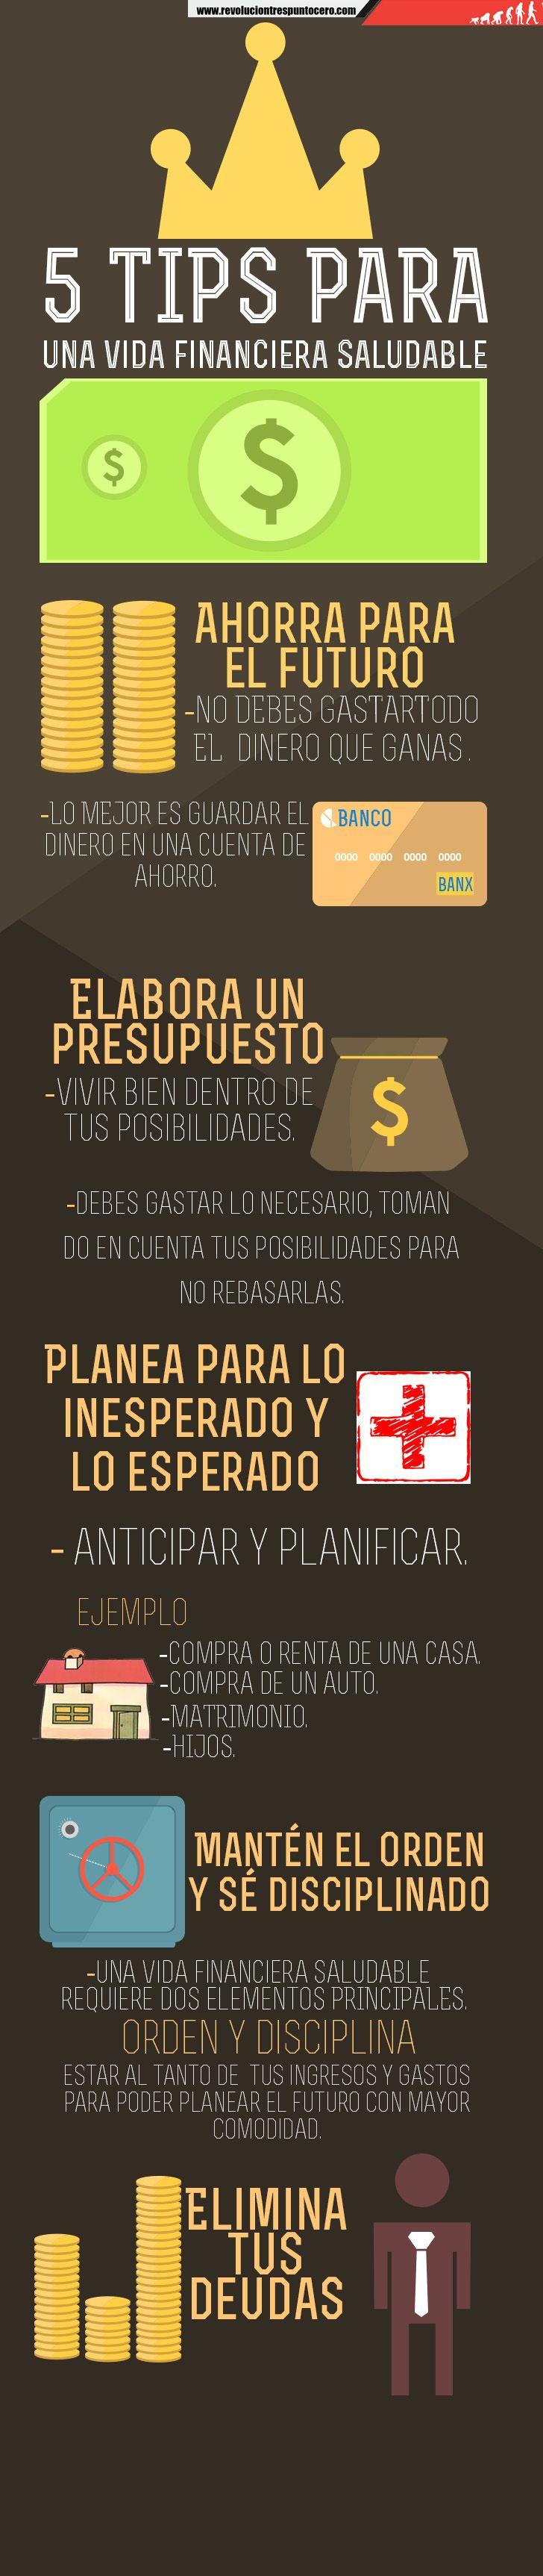 #INFOGRAFÍA 5 tips para una vida financiera saludable  http://revoluciontrespuntocero.com/5-tips-para-una-vida-financiera-saludable-infografia/